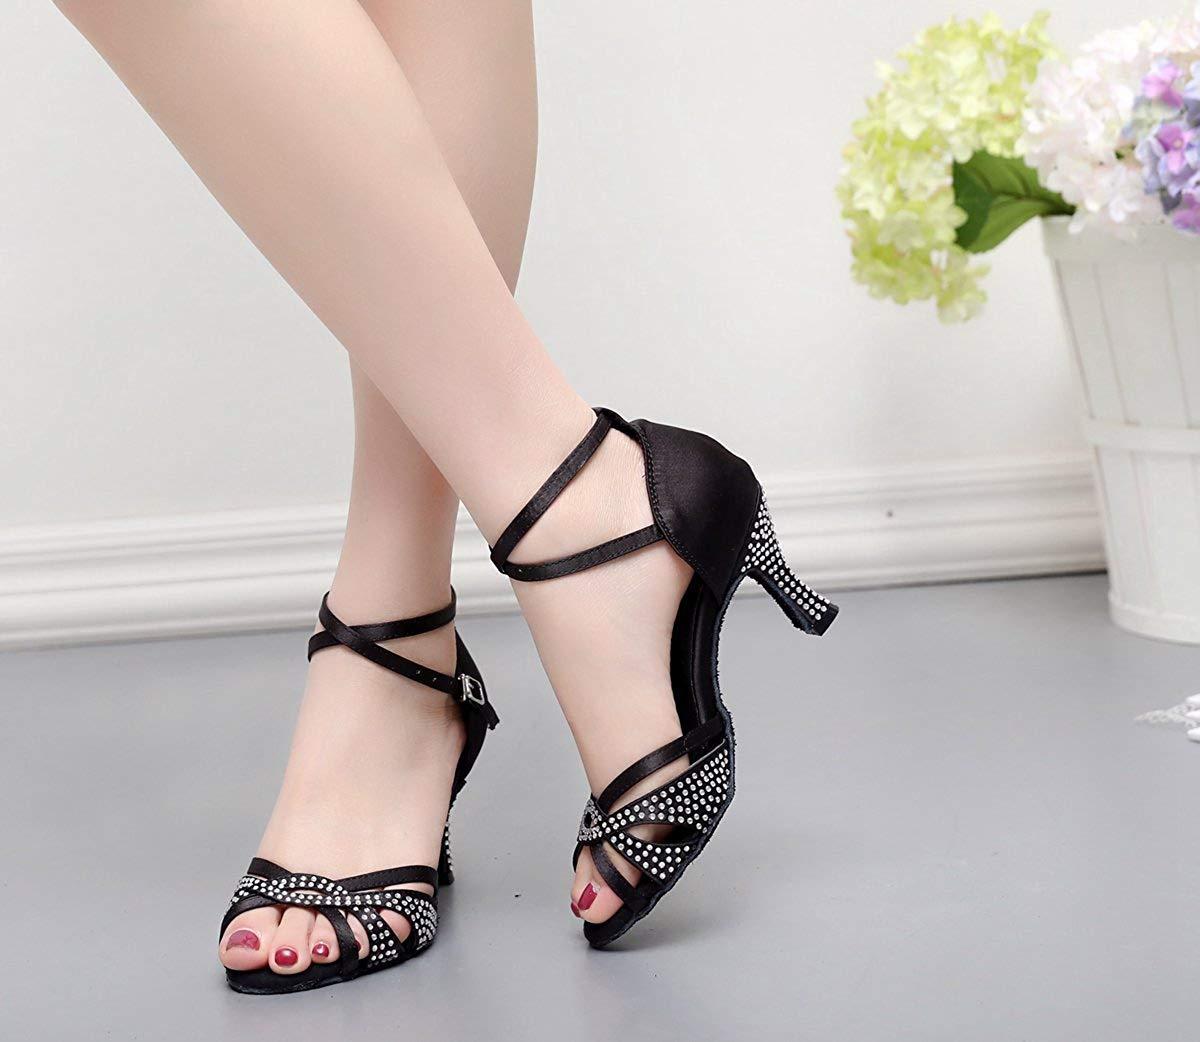 Qiusa TJ7132 Damen Mädchen Kristalle Satin Latin Dancing Schuhe Abend Abend Abend Sandalen (Farbe   schwarz-7.5cm Heel Größe   2 UK) fa6279